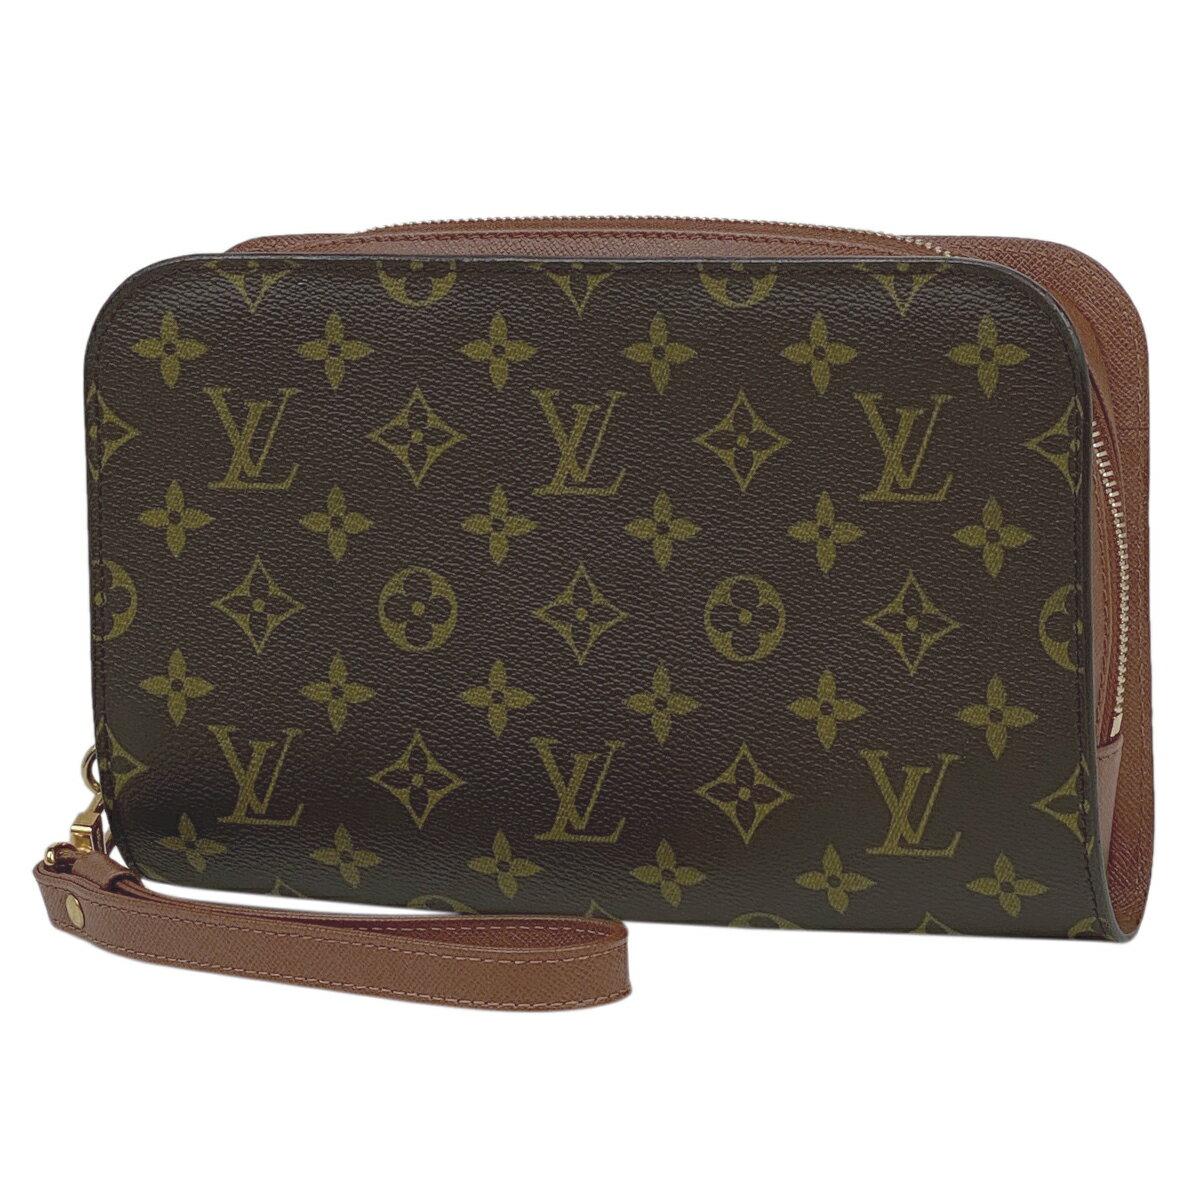 メンズバッグ, クラッチバッグ・セカンドバッグ  Louis Vuitton M51790